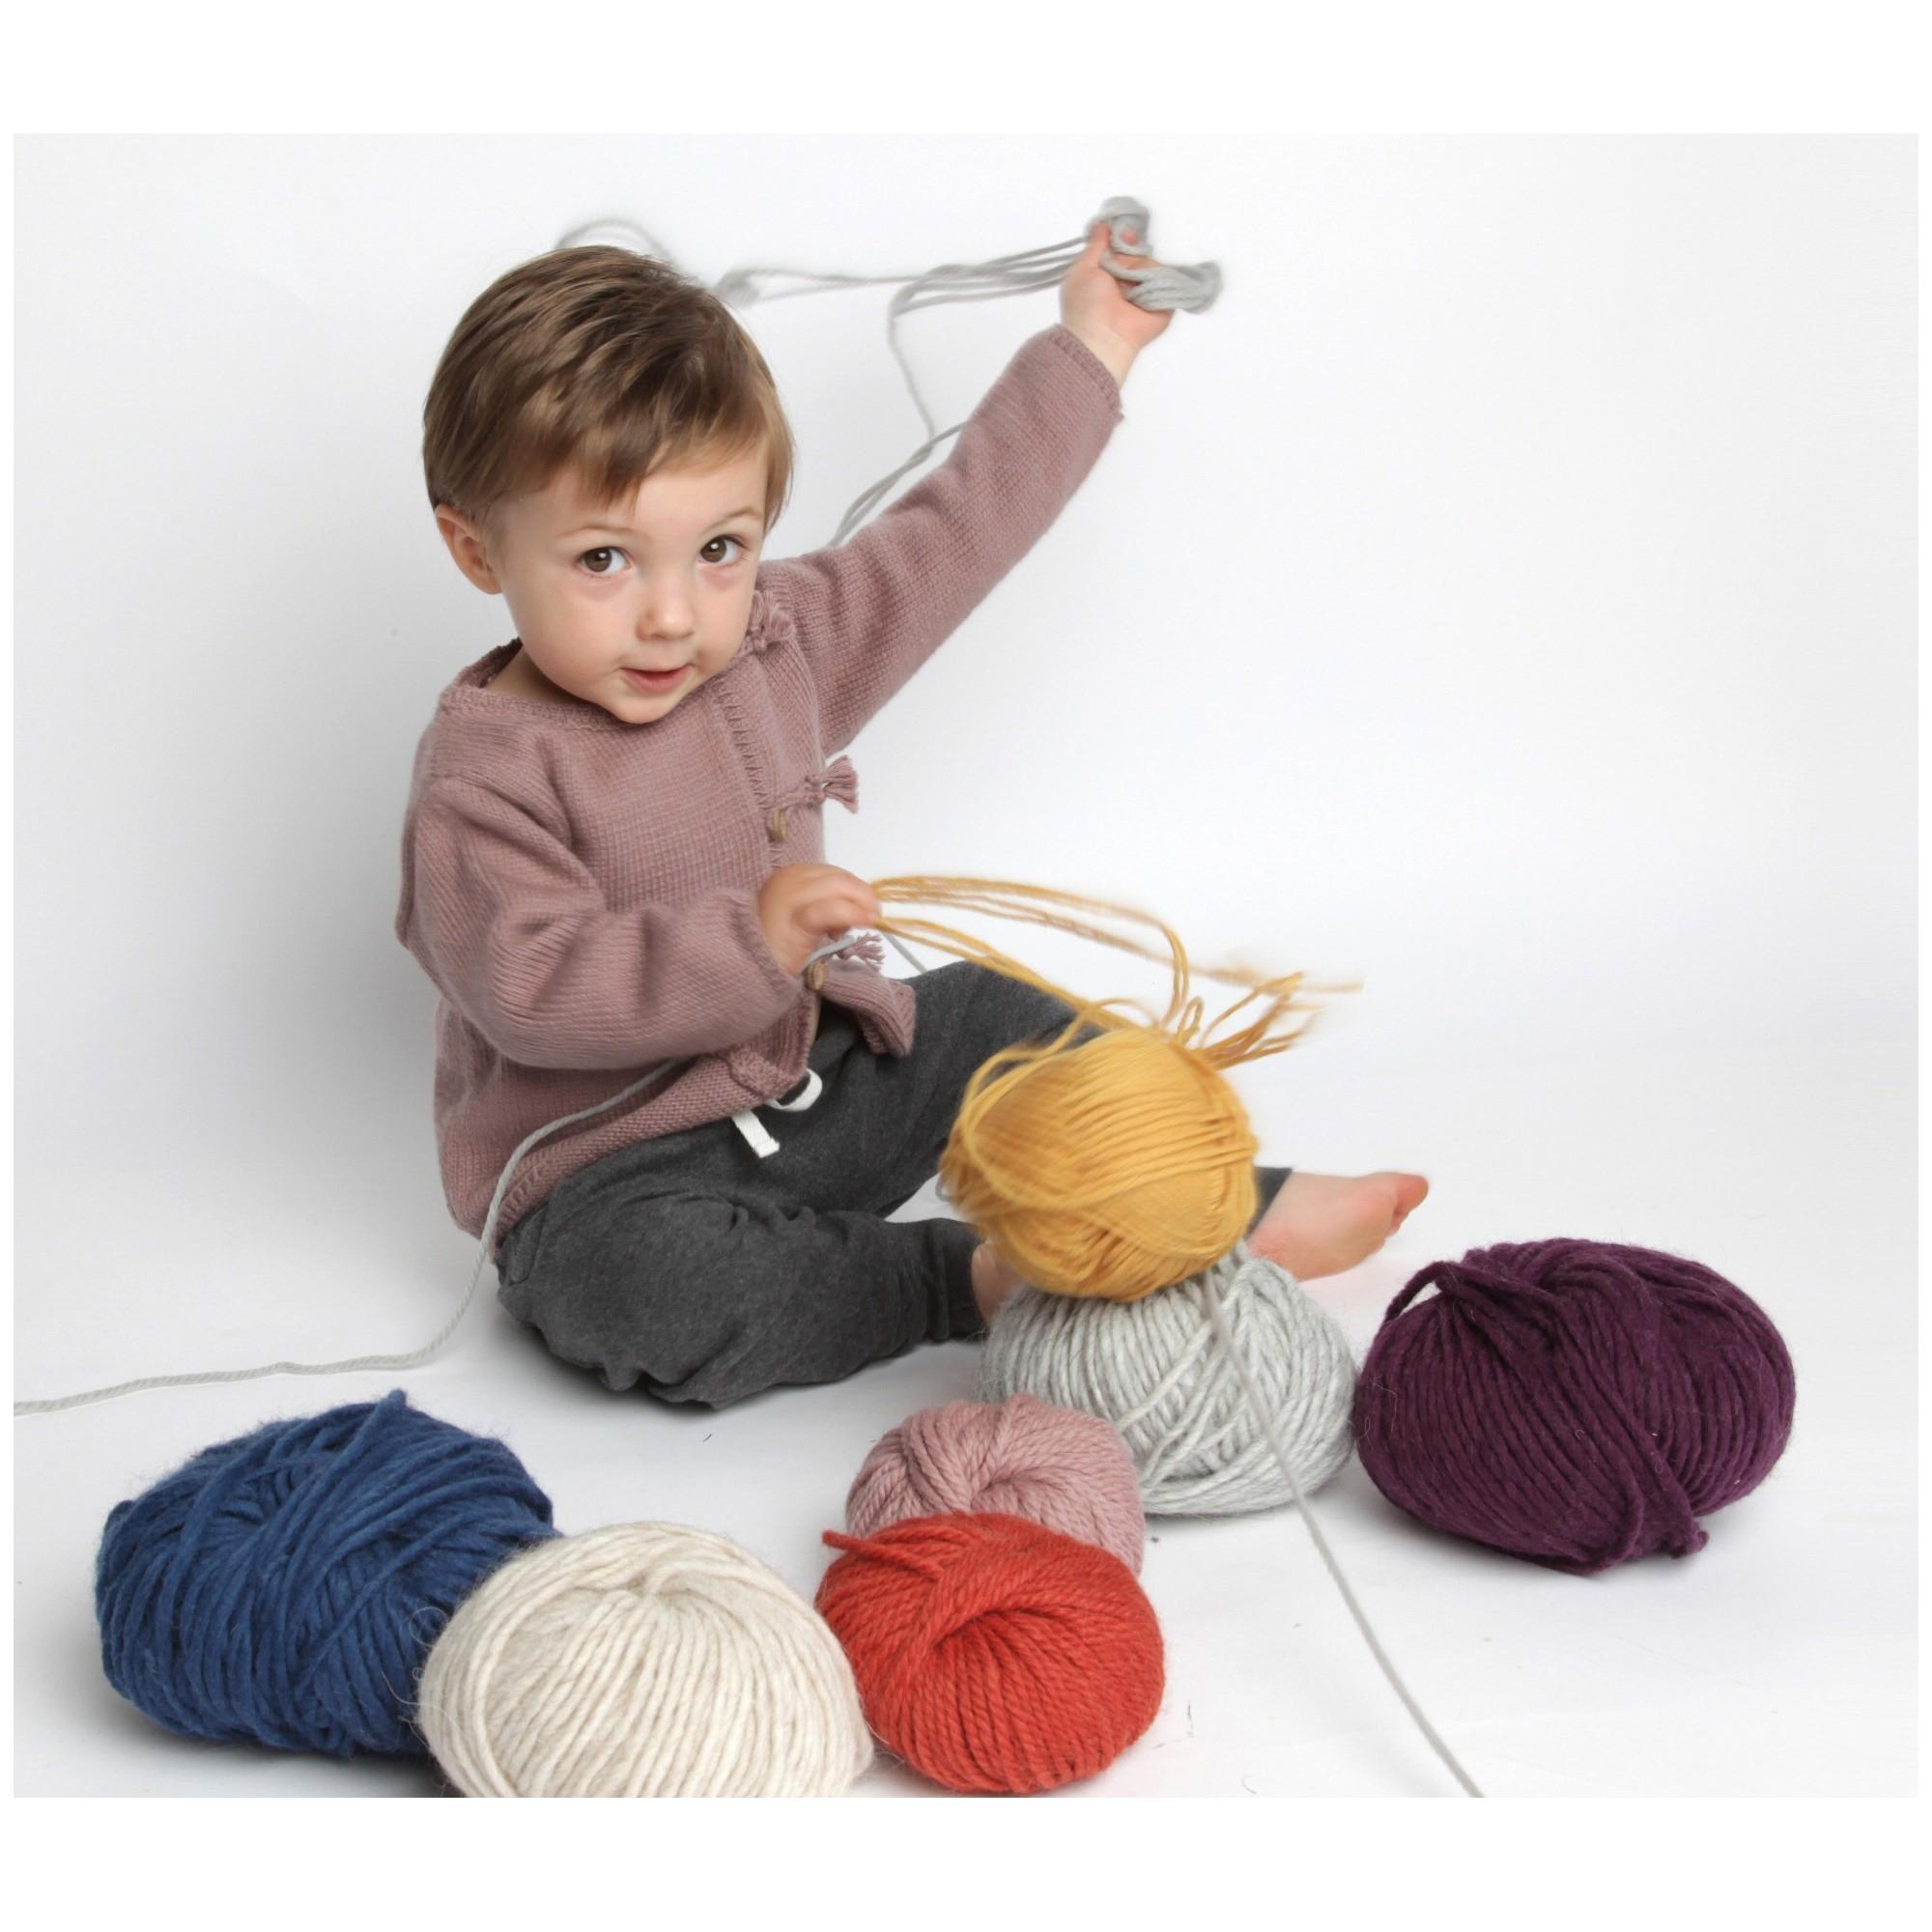 Gilet bébé taupe en coton et cachemire avec boutons bois tricoté en point jersey - porté avec sarouel-jogging anthracite 2